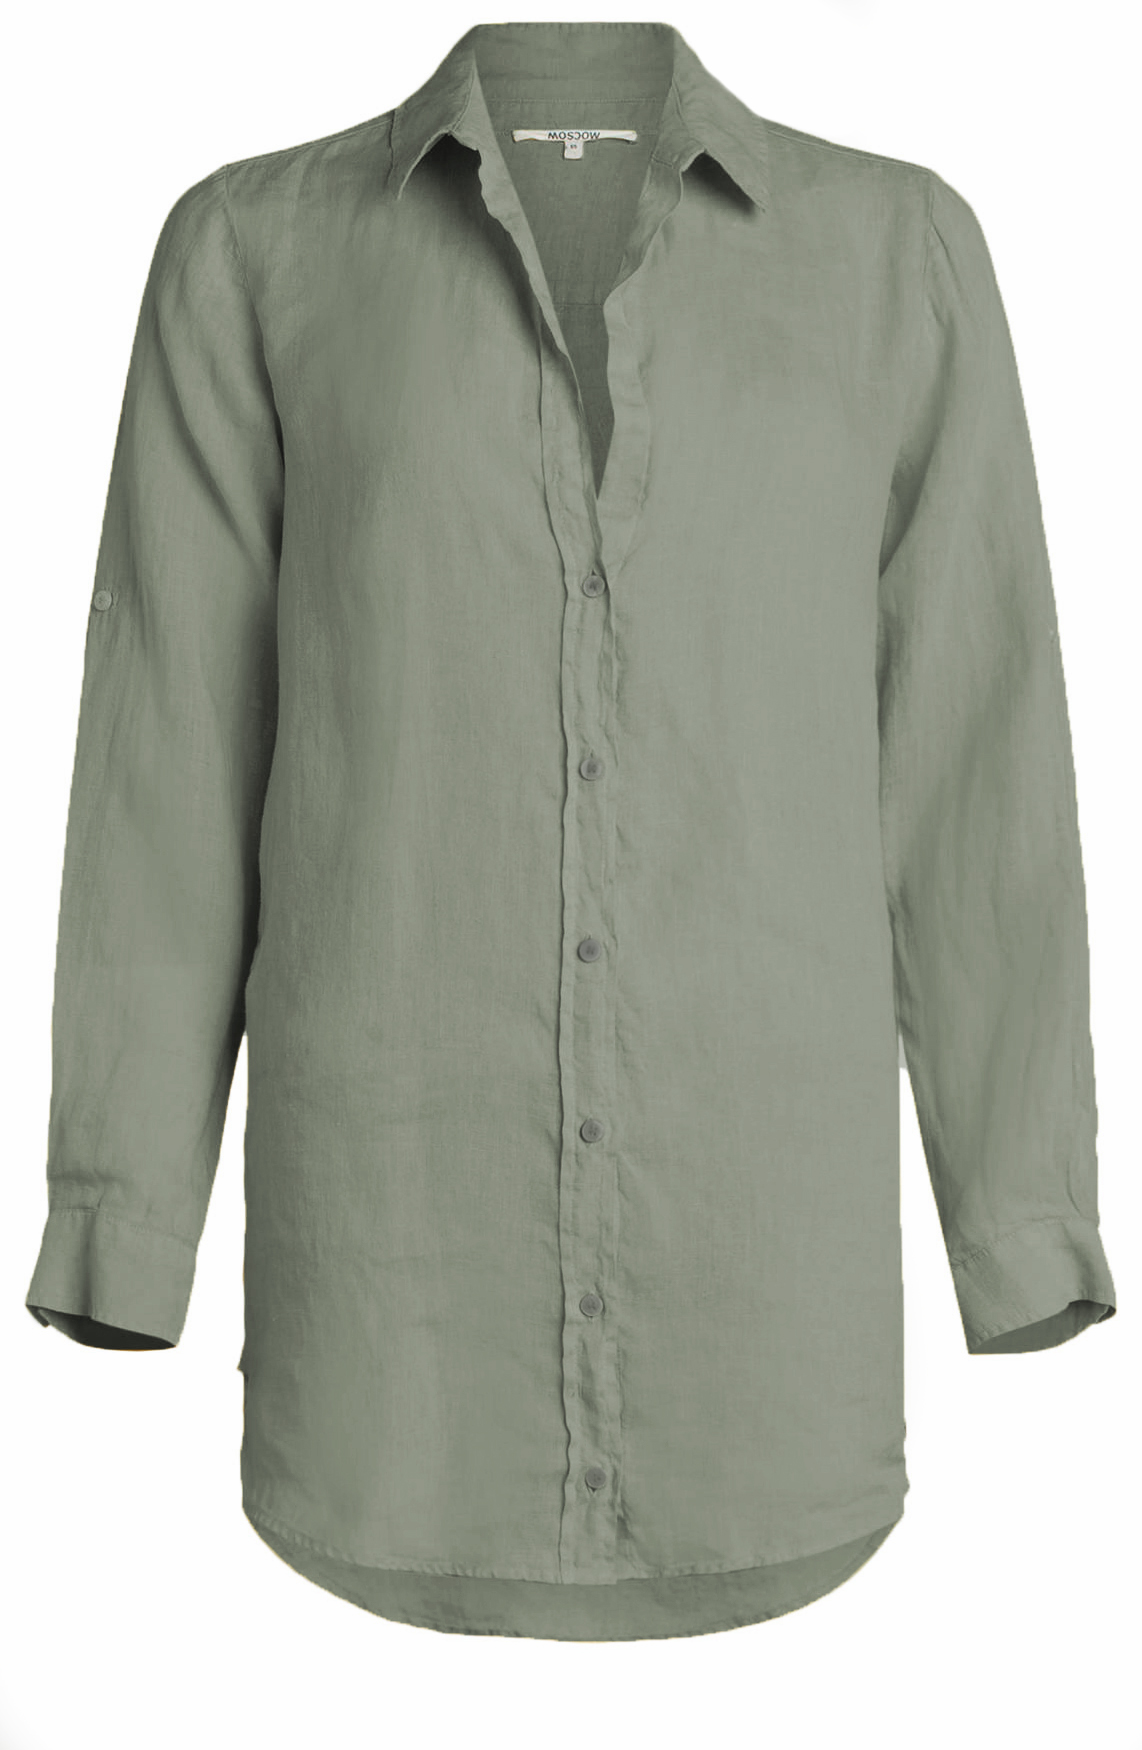 Moscow Dames Linnen blouse groen